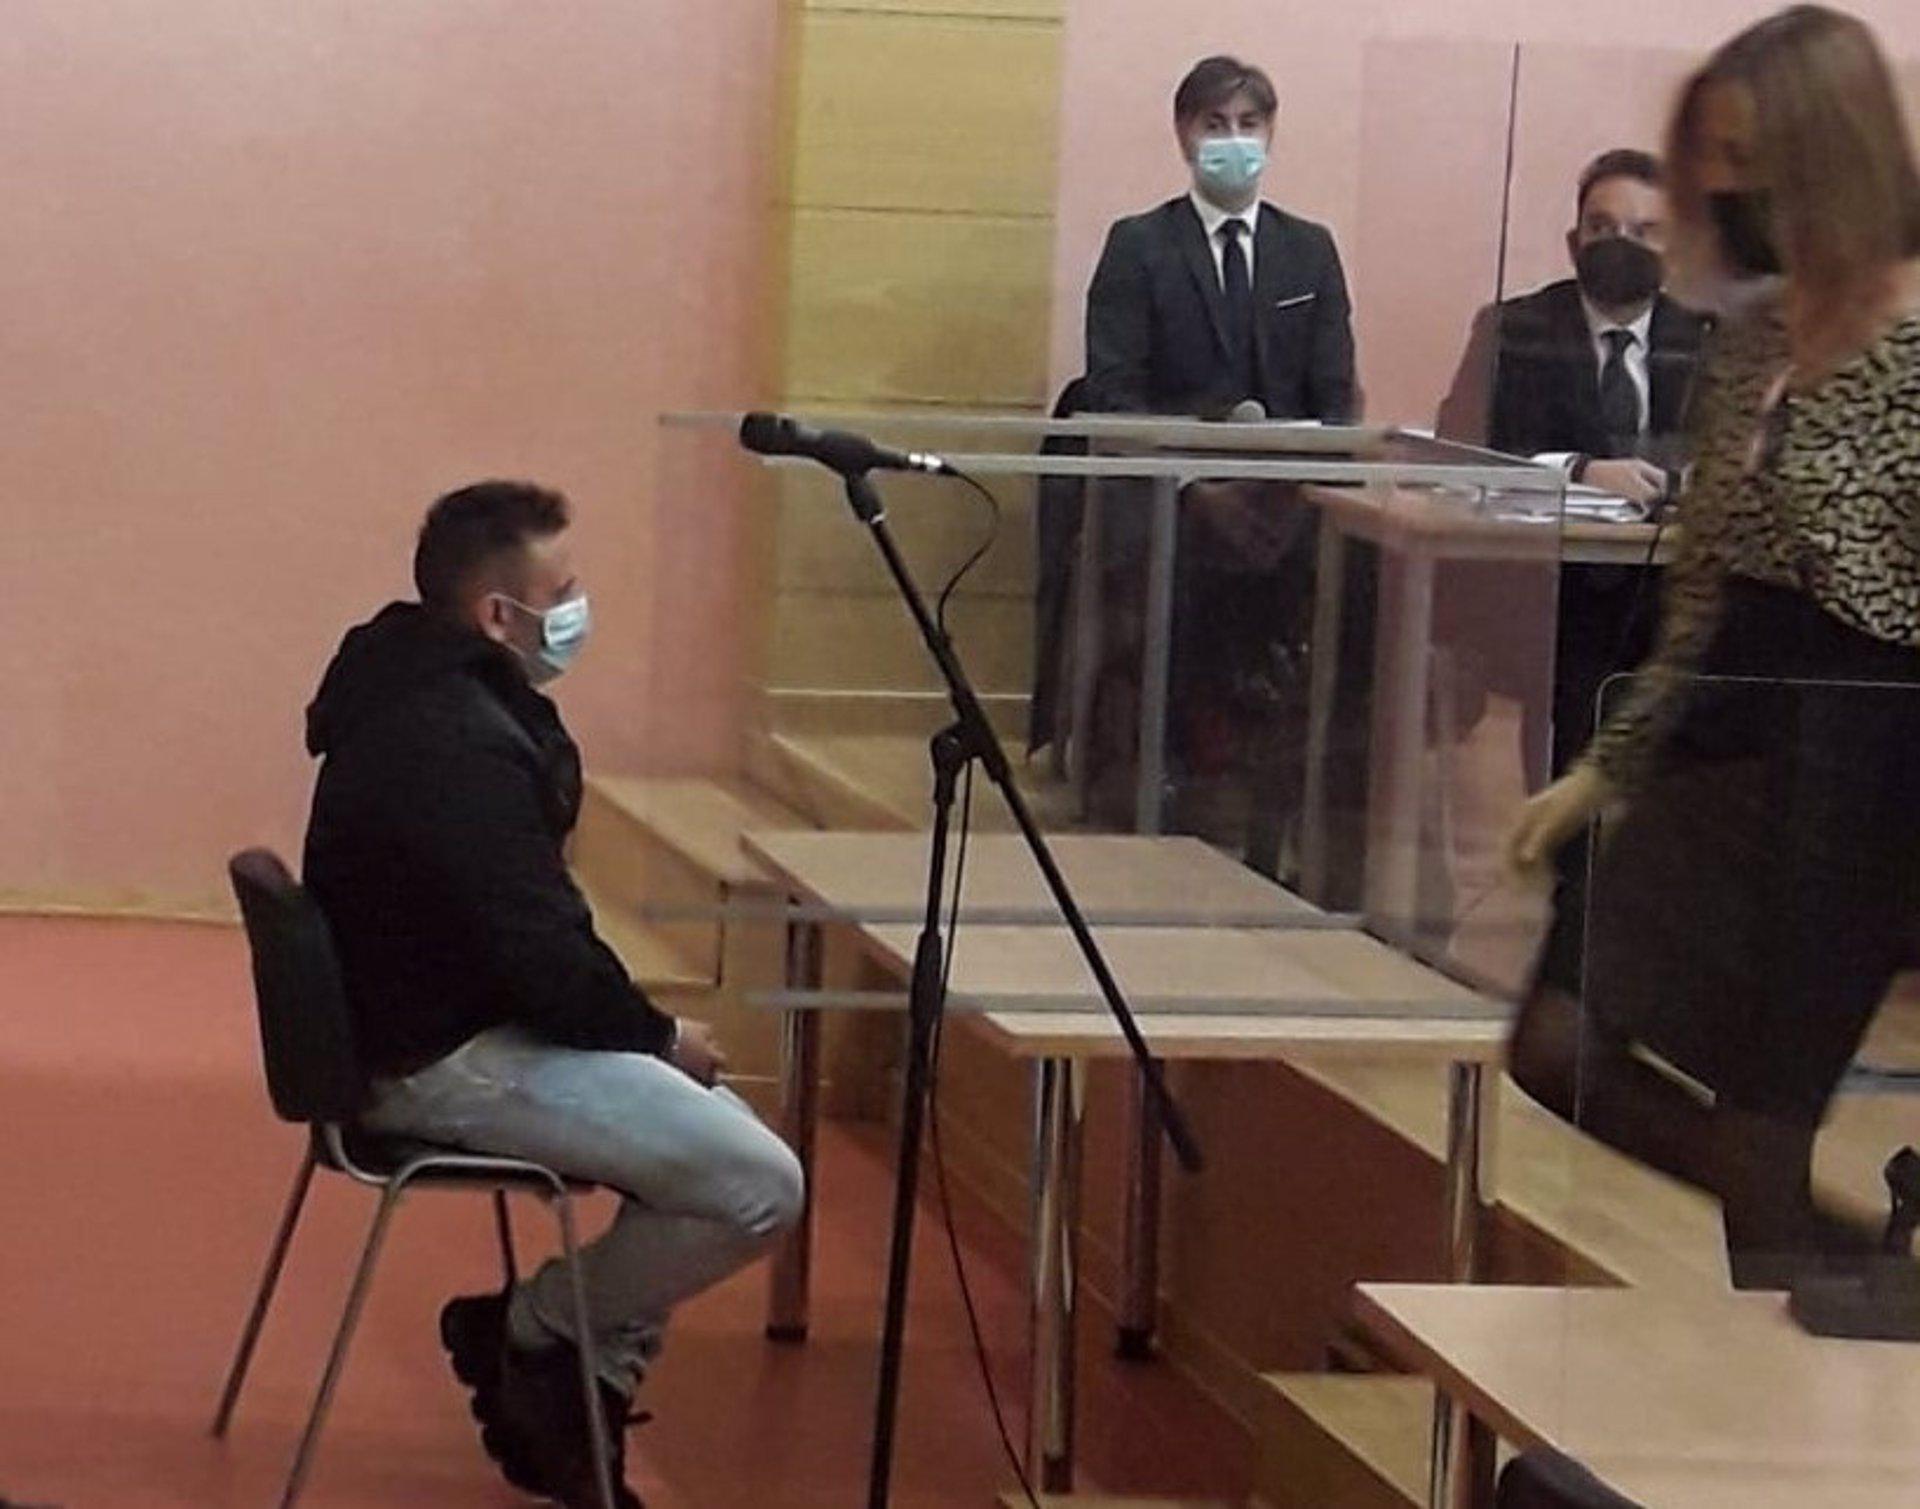 La viuda del agente Arcos pide «justicia» en el inicio del juicio contra el asesino del agente